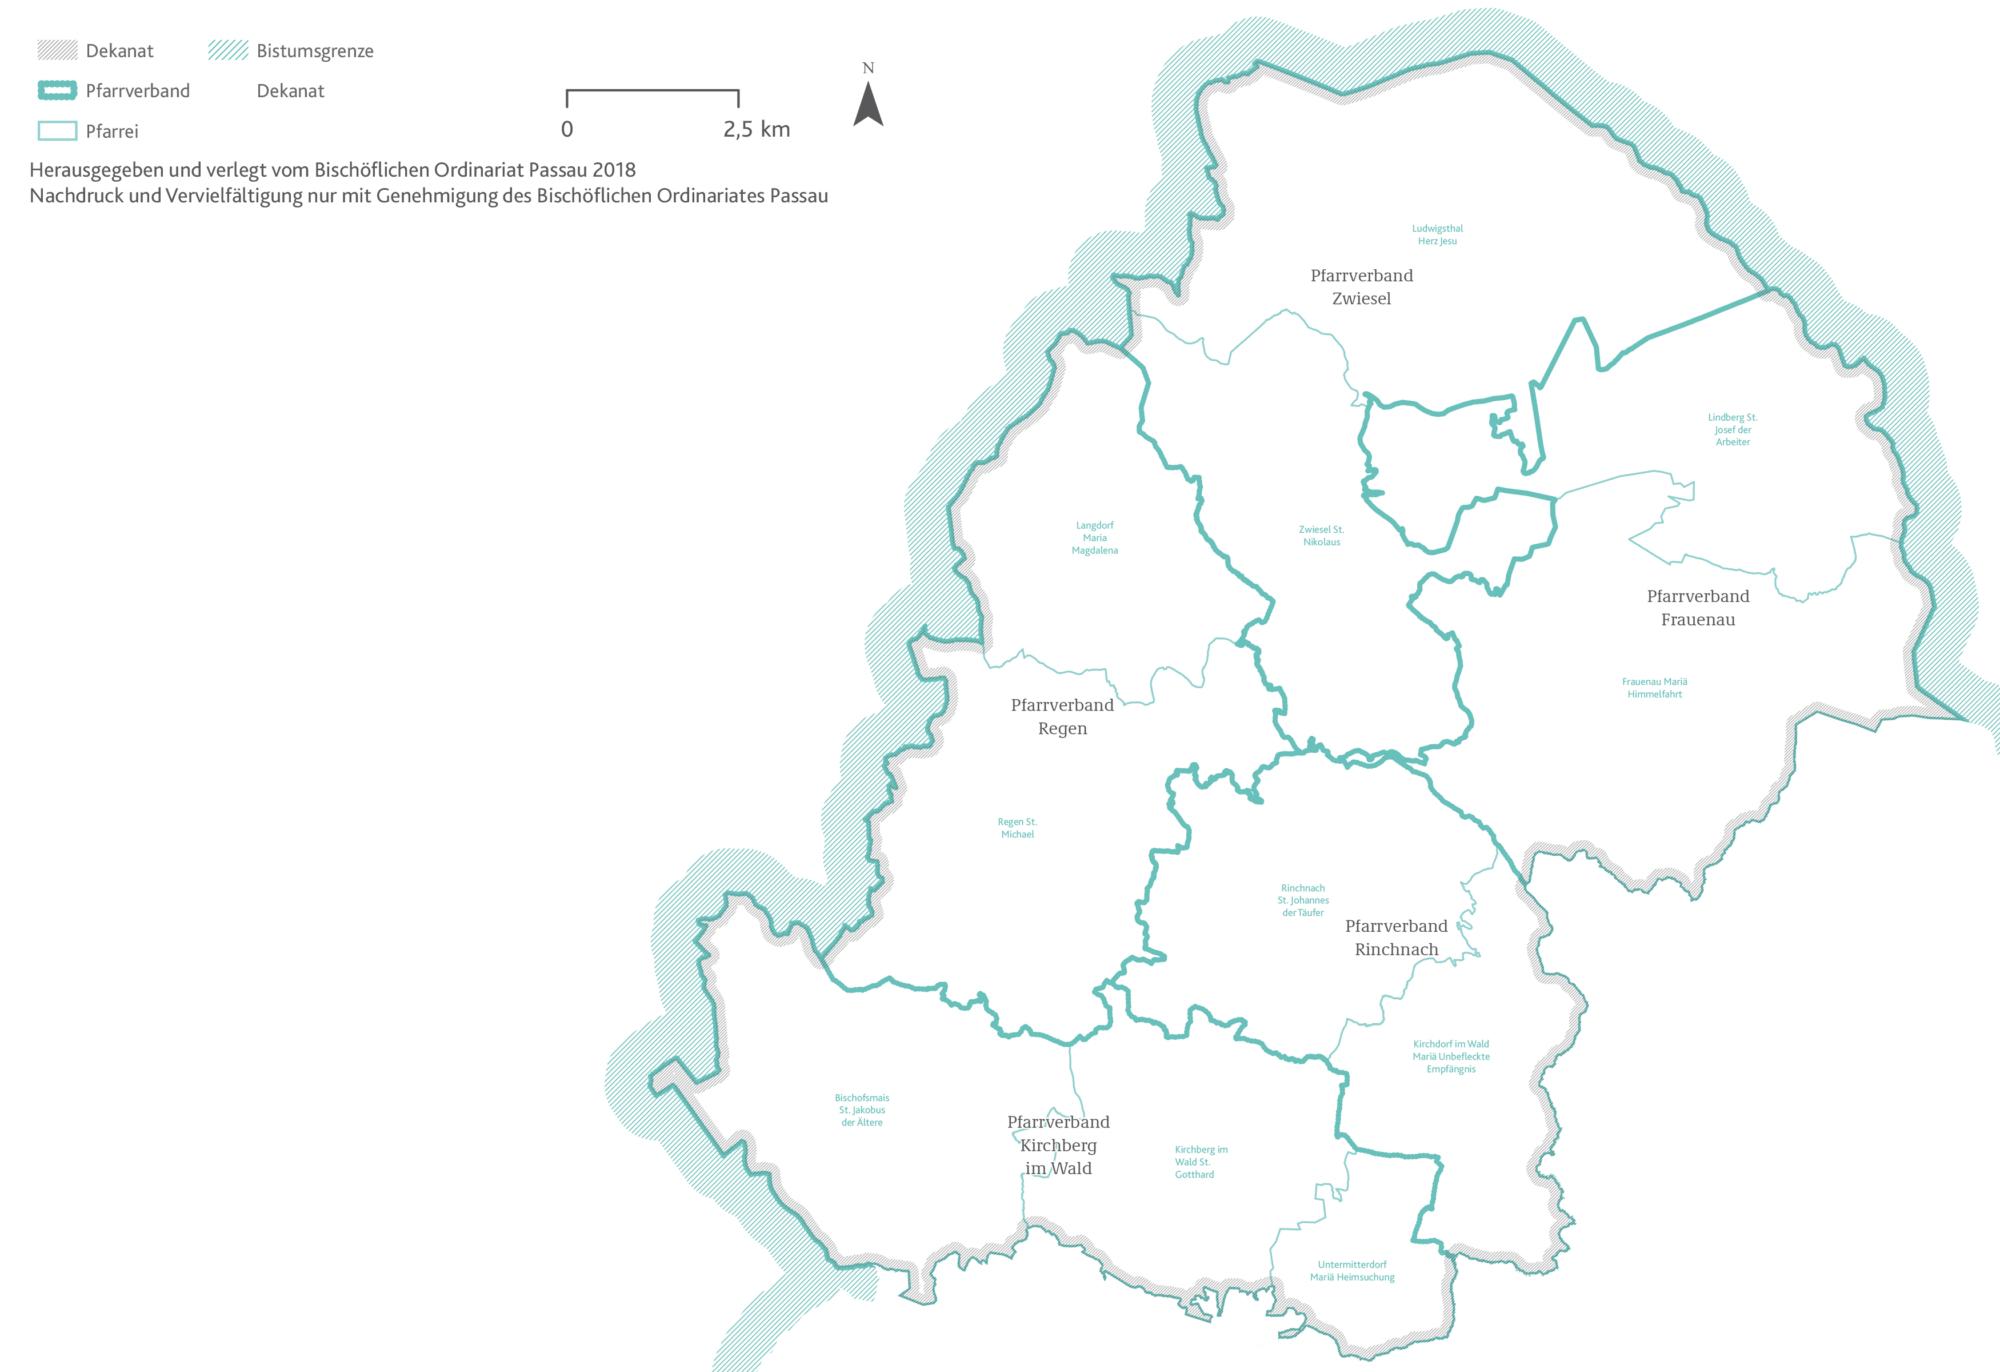 2021 Bistum Pfarreien Dekanate Regen